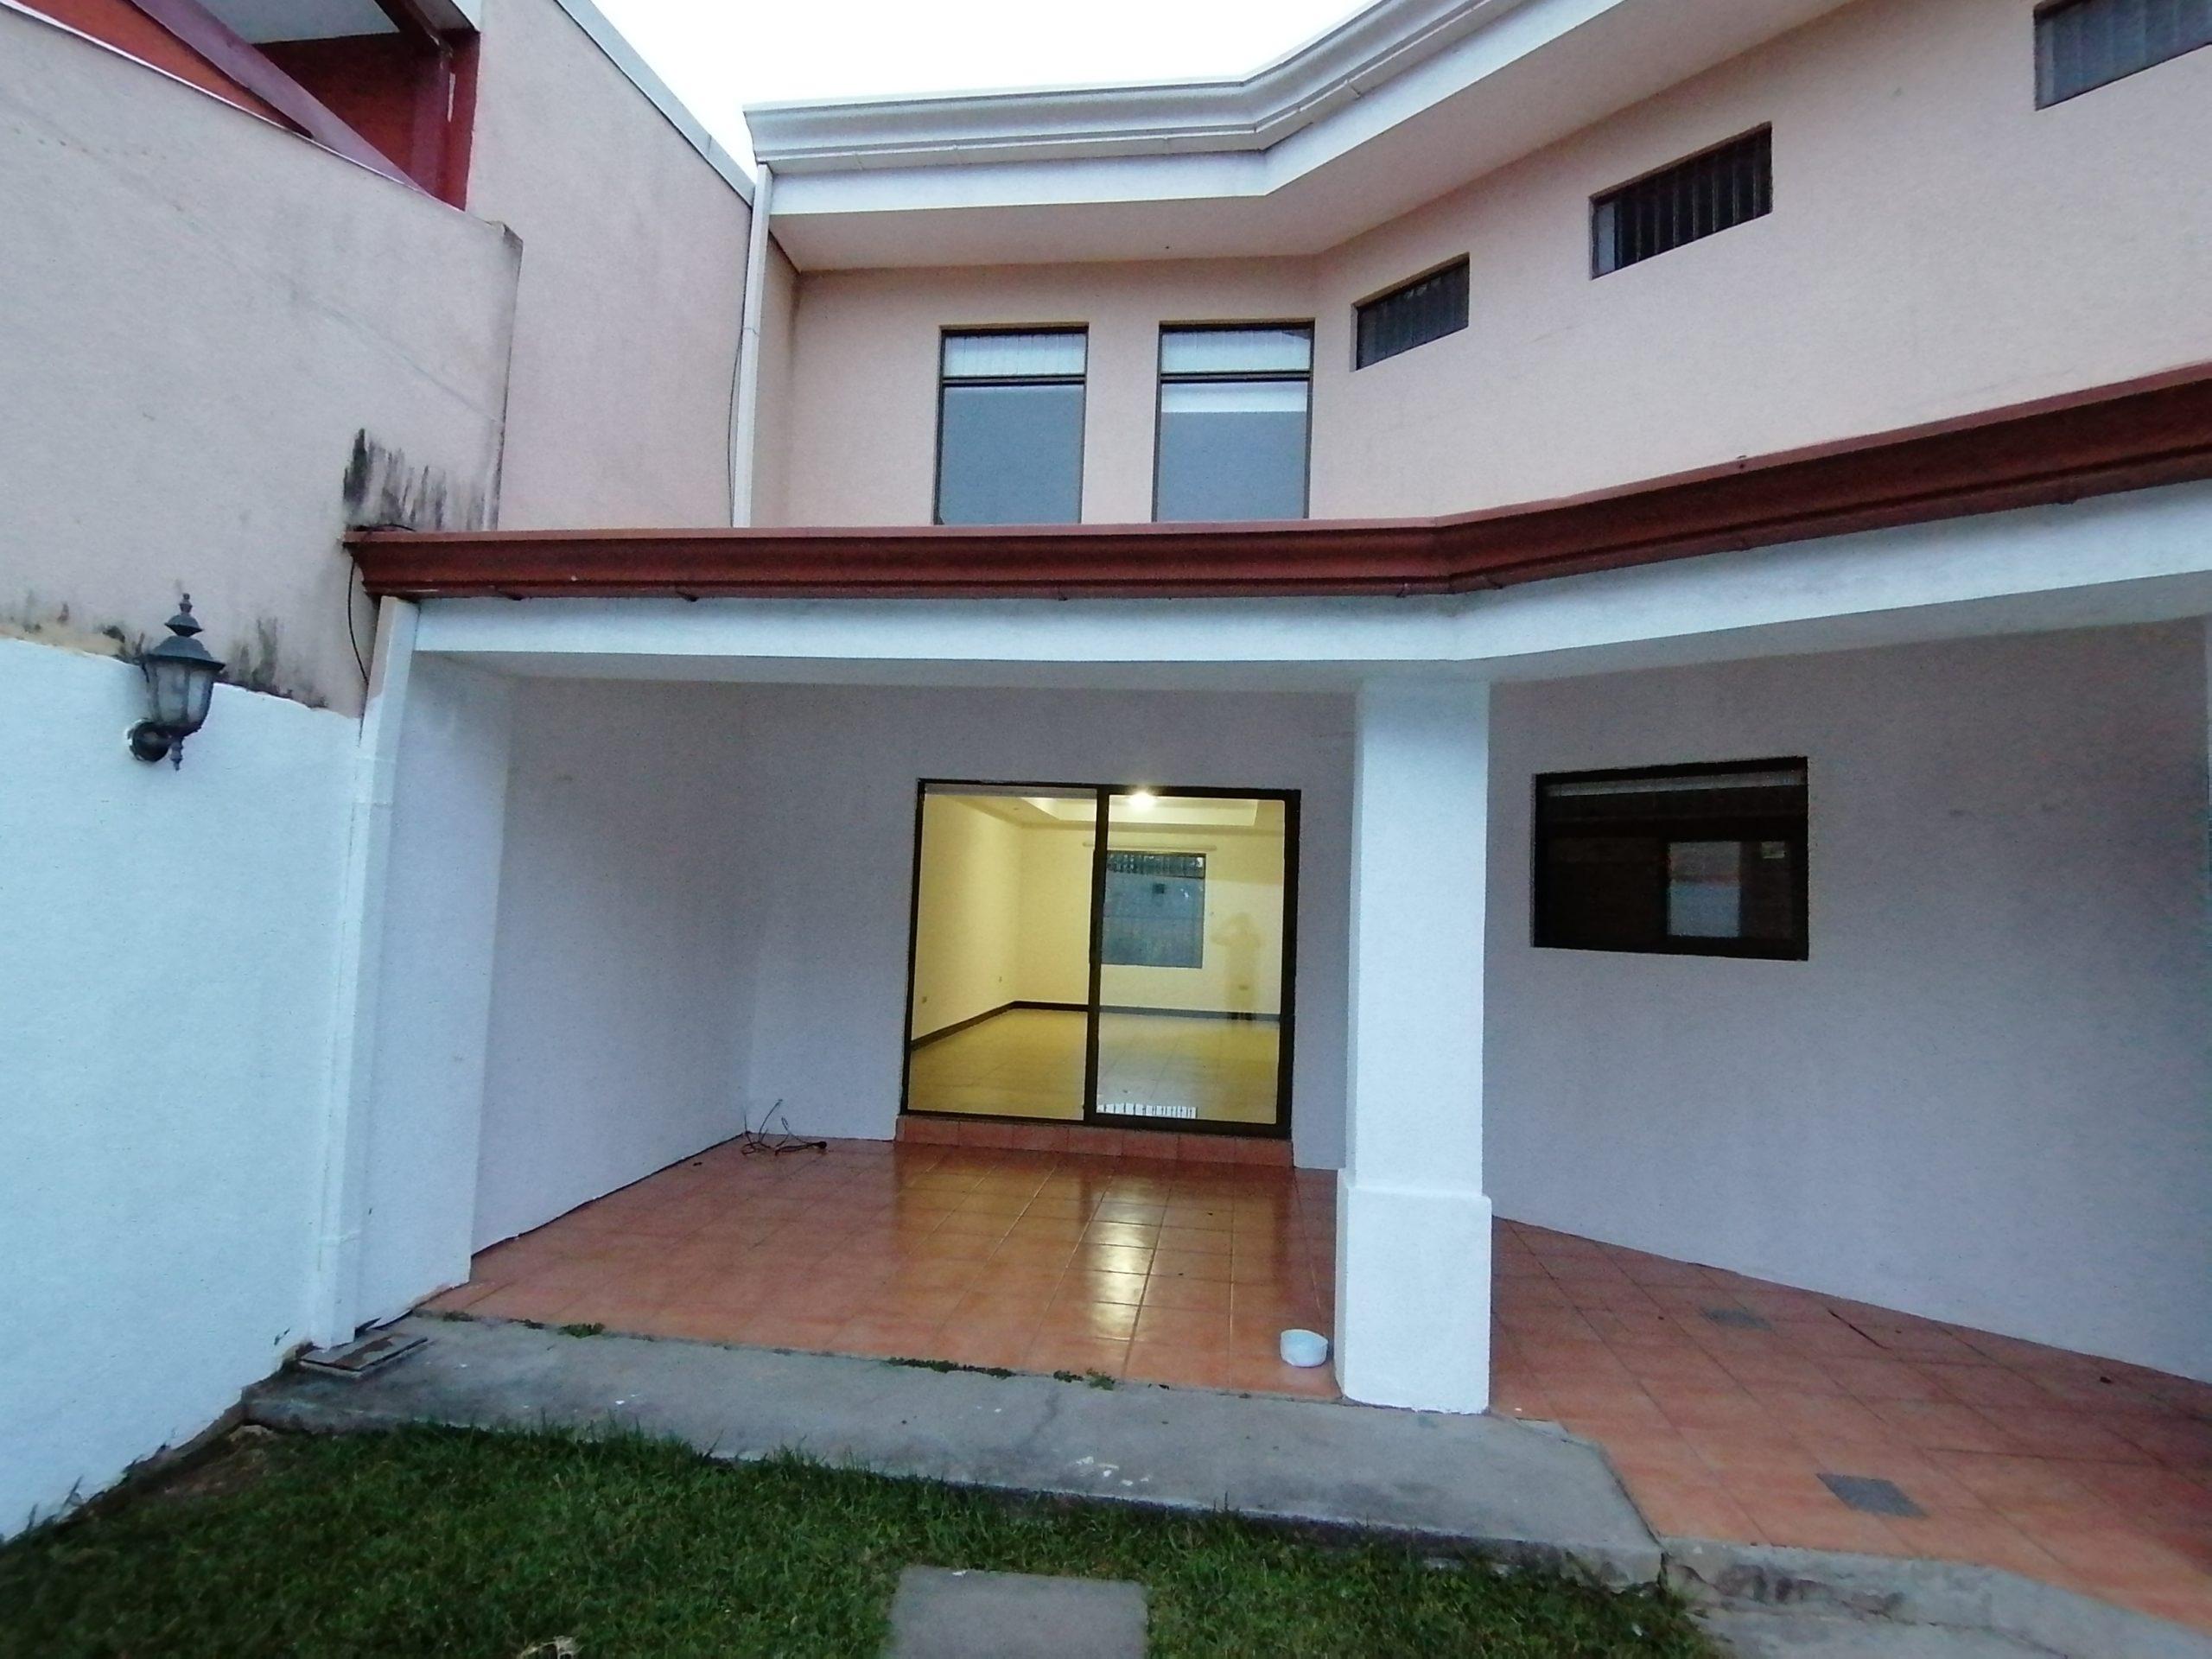 2766 Se Alquila casa independiente en Guachipelin dentro de residencial